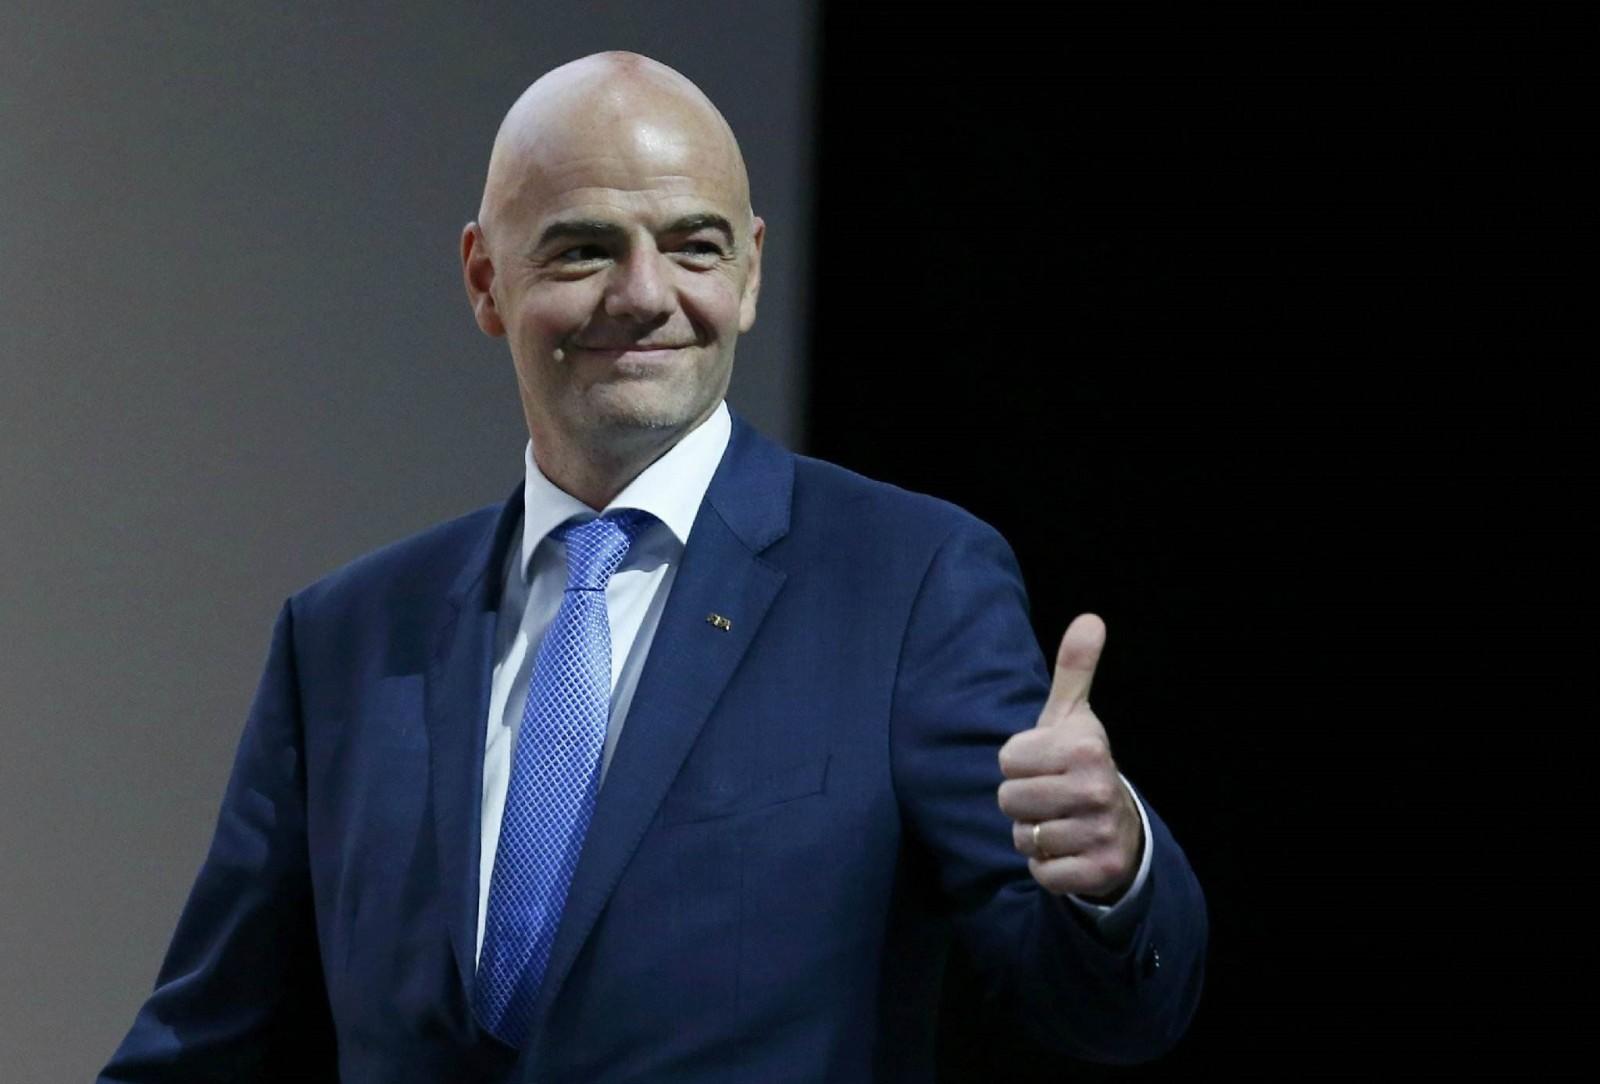 国际足联主席因凡蒂诺连任至2023年